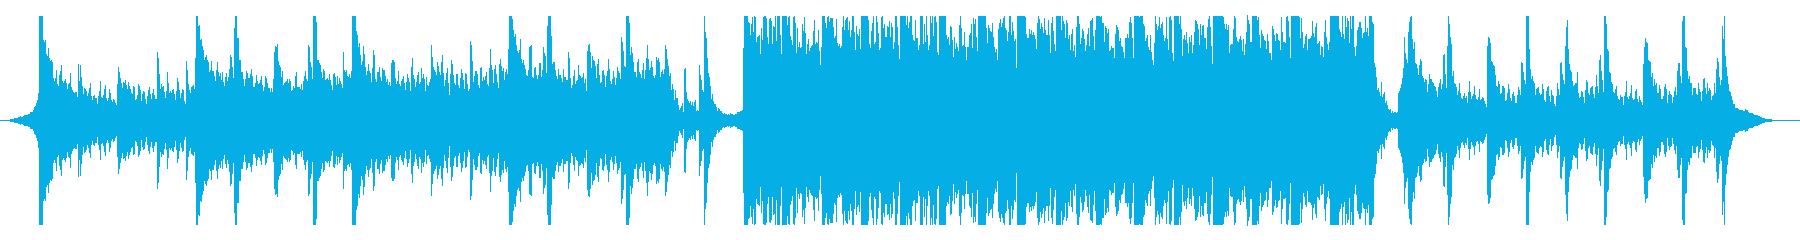 ハリウッド映画風の壮大オーケストラ14の再生済みの波形